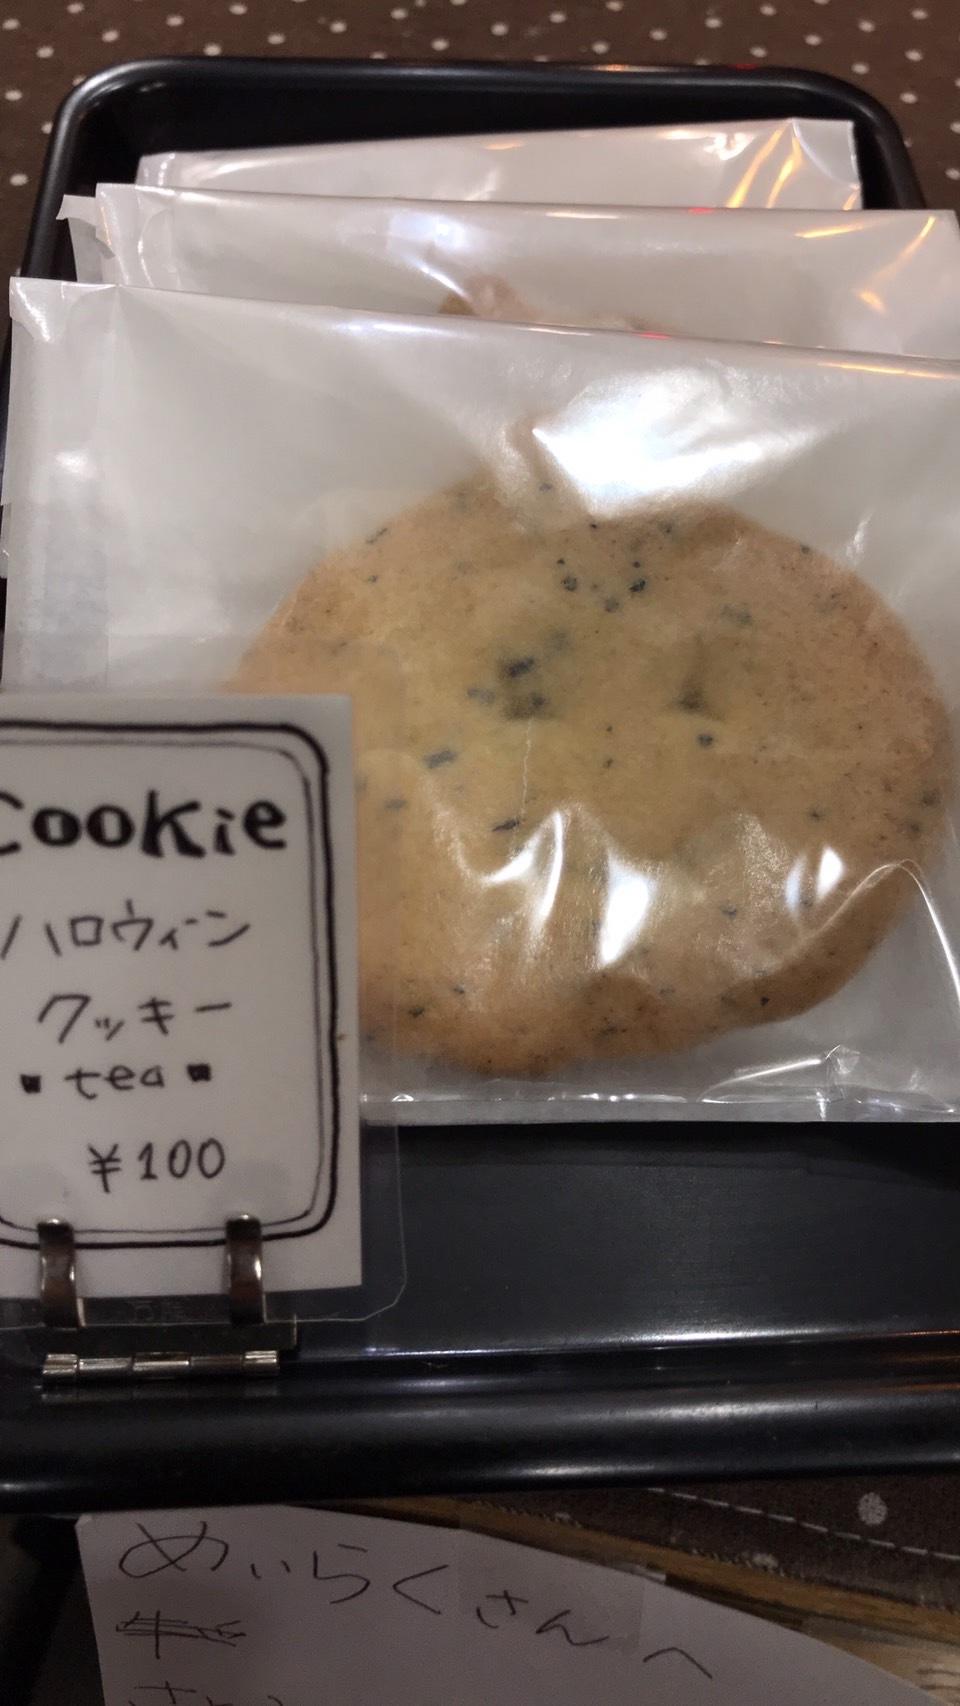 「ハロウィンクッキー発売中!」_a0075684_21200413.jpg